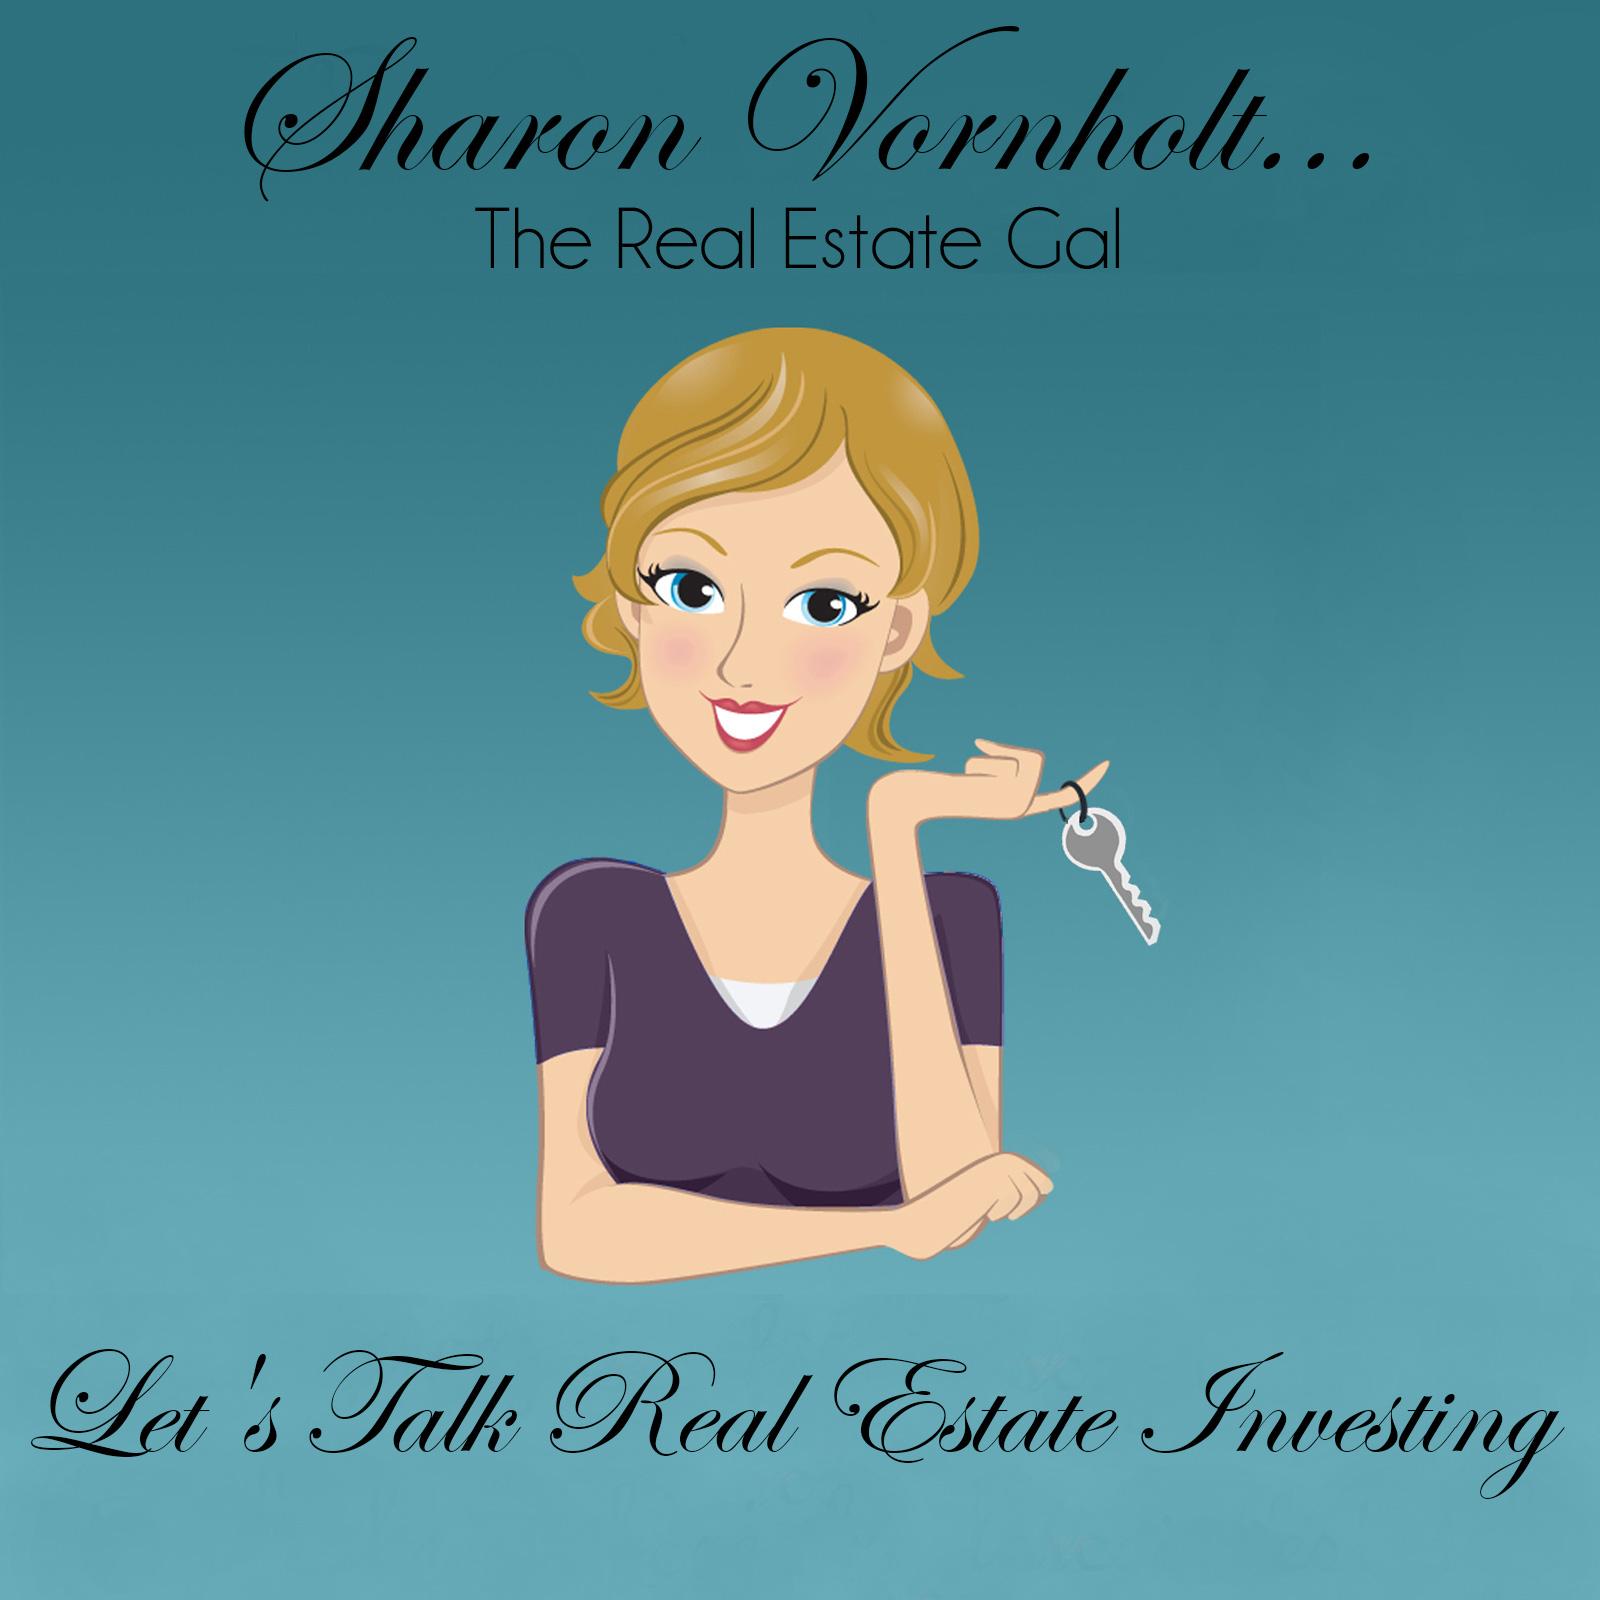 Let's Talk Real Estate Investing with Sharon Vornholt show art